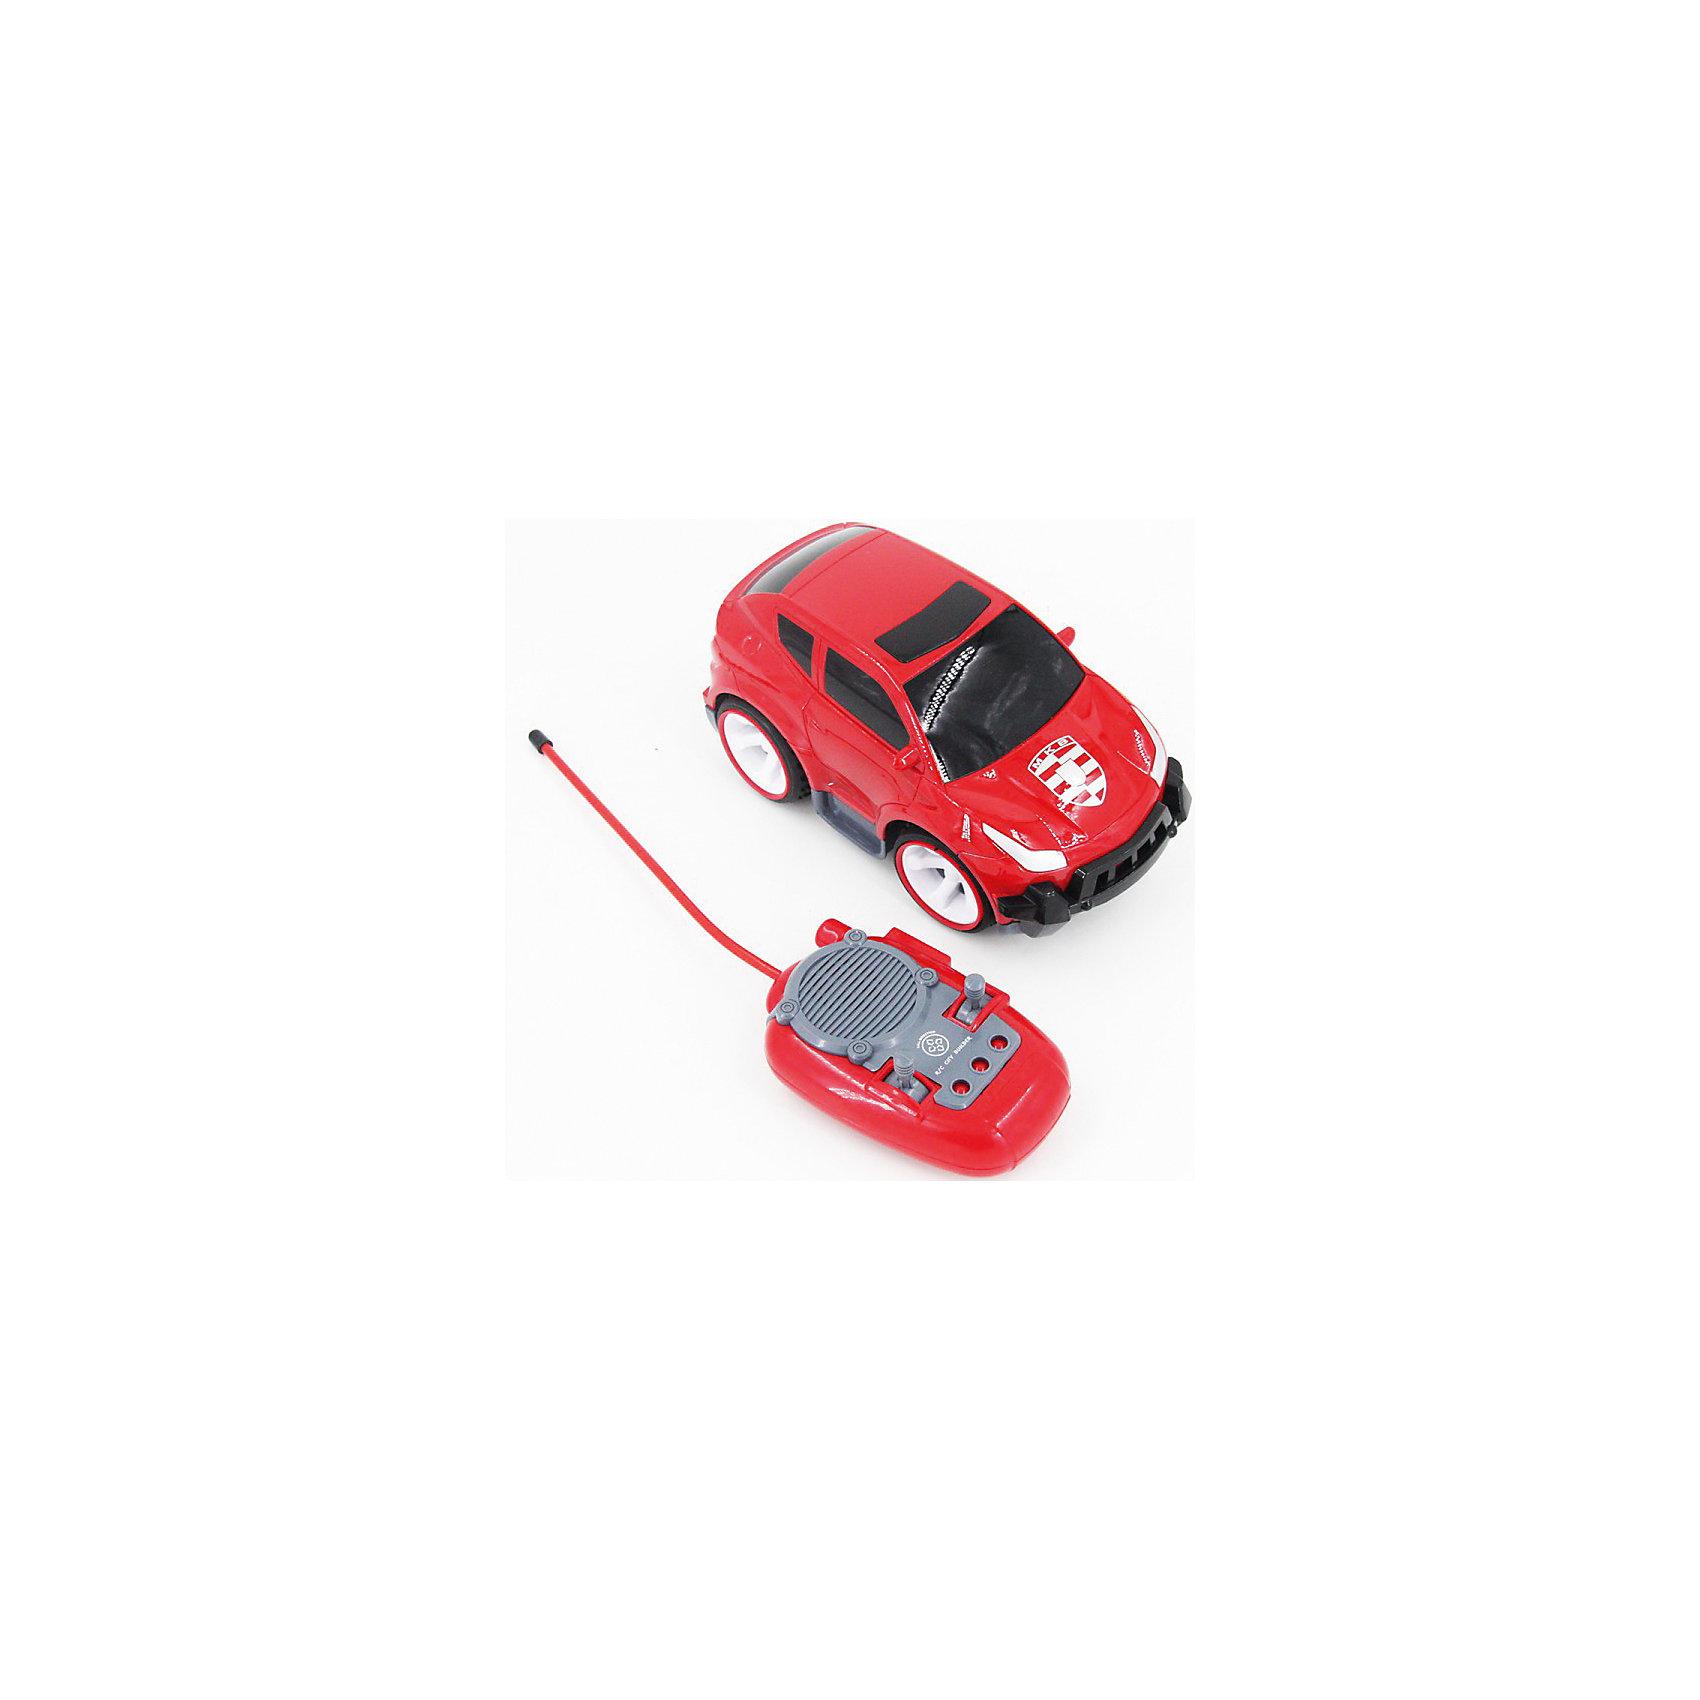 Машинка на радиоуправлении Спорткар, со звуковыми эффектами, Blue SeaРадиоуправляемый транспорт<br>Машинка на радиоуправлении Спорткар, со звуковыми эффектами, Blue Sea (Блу Сии).<br><br>Характеристики:<br><br>- Цвет: красный.<br>- Состав: пластик, металл.<br>- Размер машины: 12,5 х 7 х 7 см<br>- Радиоуправляемая игрушка.<br>- В комплекте: машинка, пульт управления.<br><br>Внимание: элементы питания в комплект не входят!<br><br>Машинка на радиоуправлении Спорткар, со звуковыми эффектами - .это отличная игрушка от бренда Blue Sea (Блу Сии). Эта маленькая машинка с большими колесами одна из целой серии радиоуправляемых машинок. Яркий, привлекающий внимание дизайн, надолго займет внимание вашего малыша. Игрушка выполнена из качественных сертифицированных материалов.<br><br>Машинку на радиоуправлении Спорткар, со звуковыми эффектами, Blue Sea (Блу Сии), можно купить в нашем интернет - магазине.<br><br>Ширина мм: 310<br>Глубина мм: 210<br>Высота мм: 160<br>Вес г: 700<br>Возраст от месяцев: 36<br>Возраст до месяцев: 2147483647<br>Пол: Мужской<br>Возраст: Детский<br>SKU: 5419368